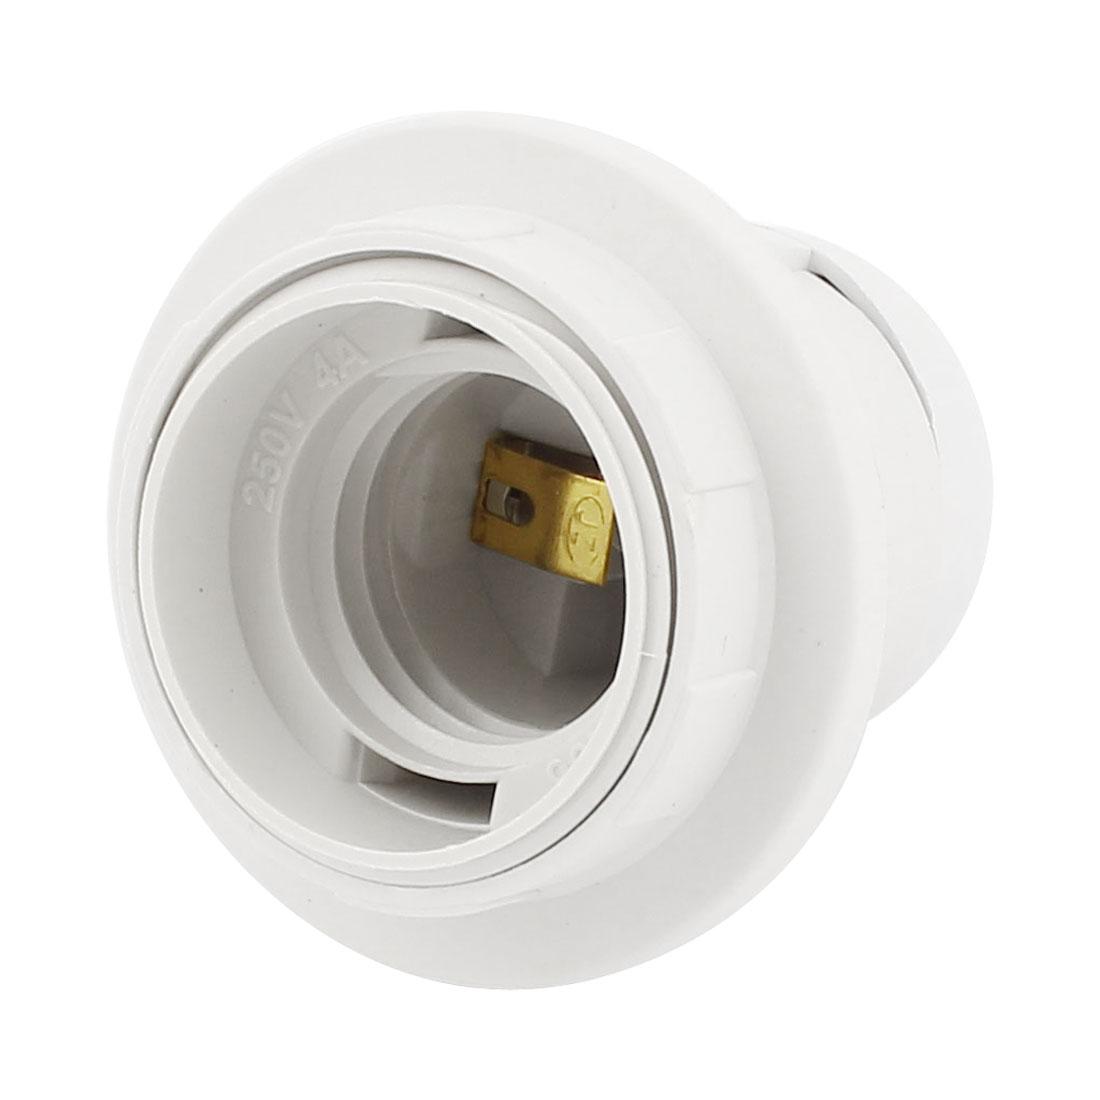 E27 Bulb Base Holders Light Plastic Thread Lamp Socket Fitting AC 110V-220V